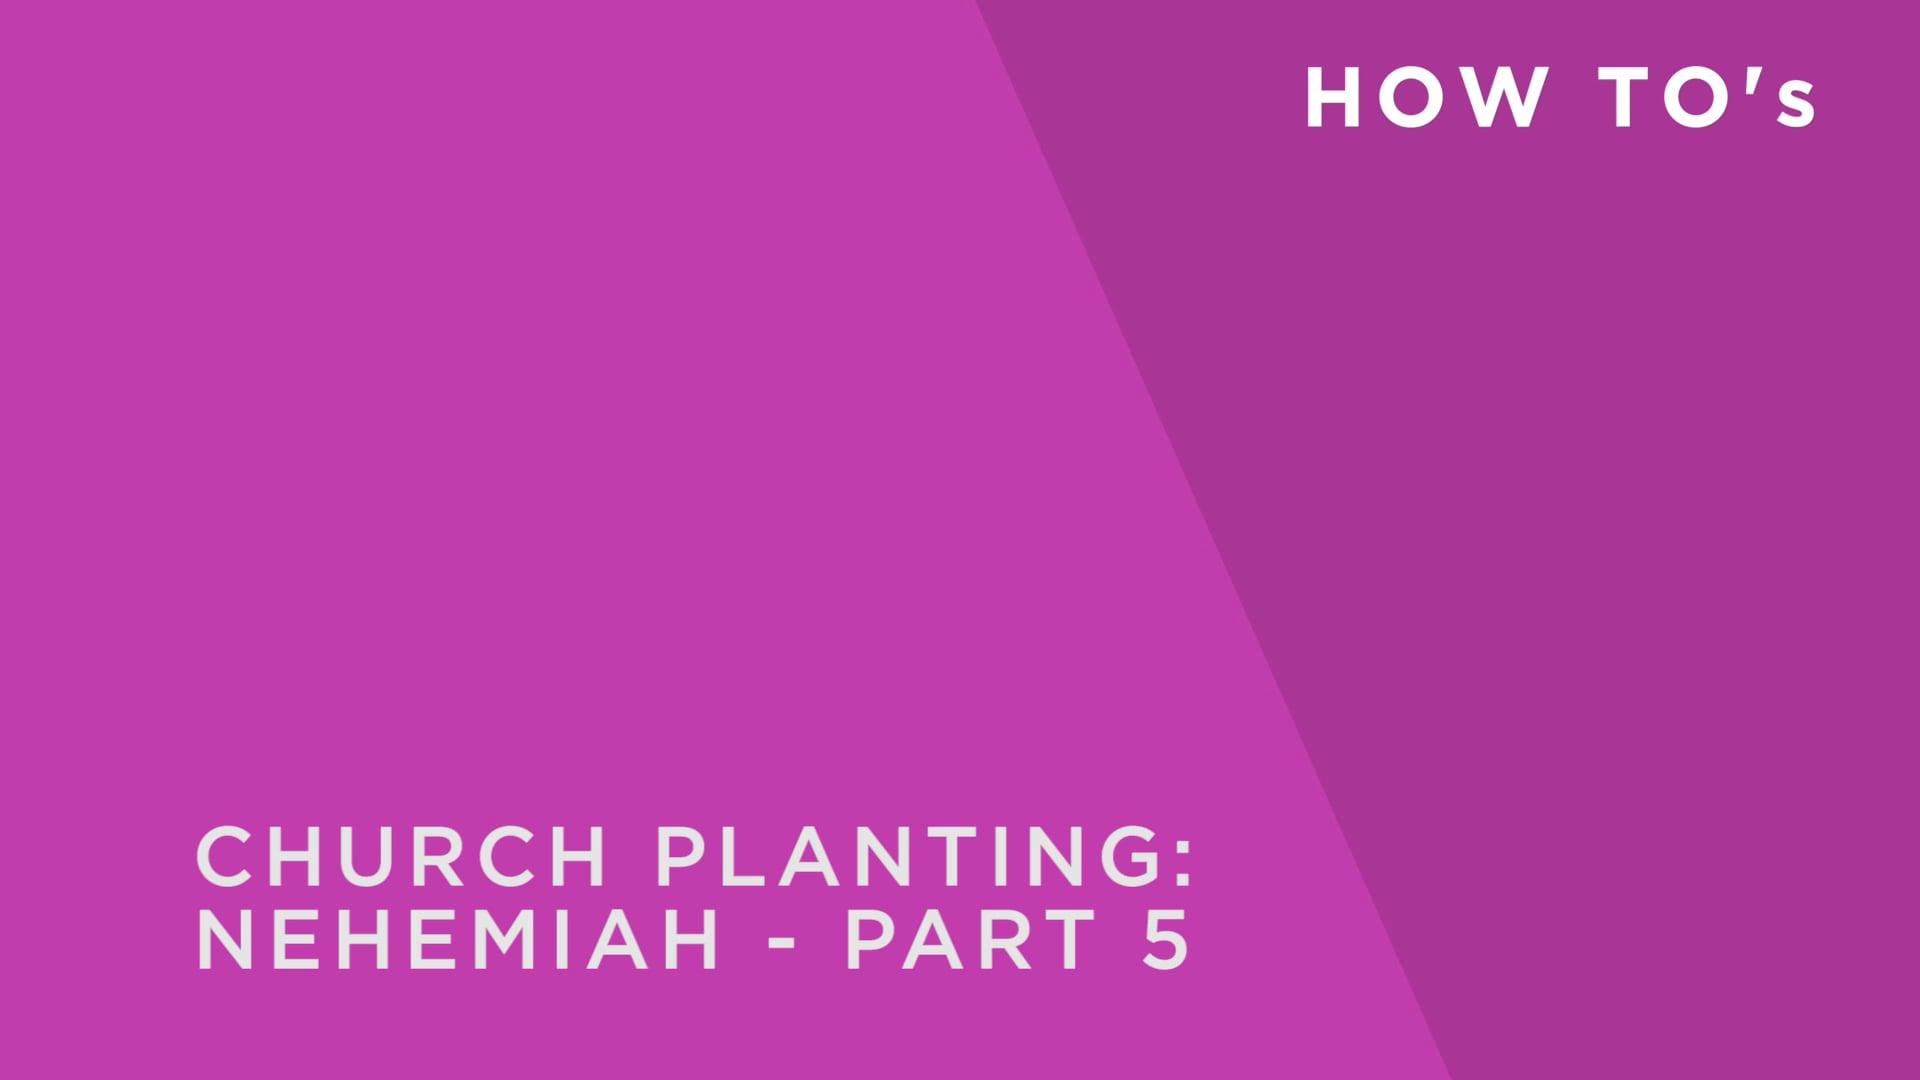 Church Planting: Nehemiah 5